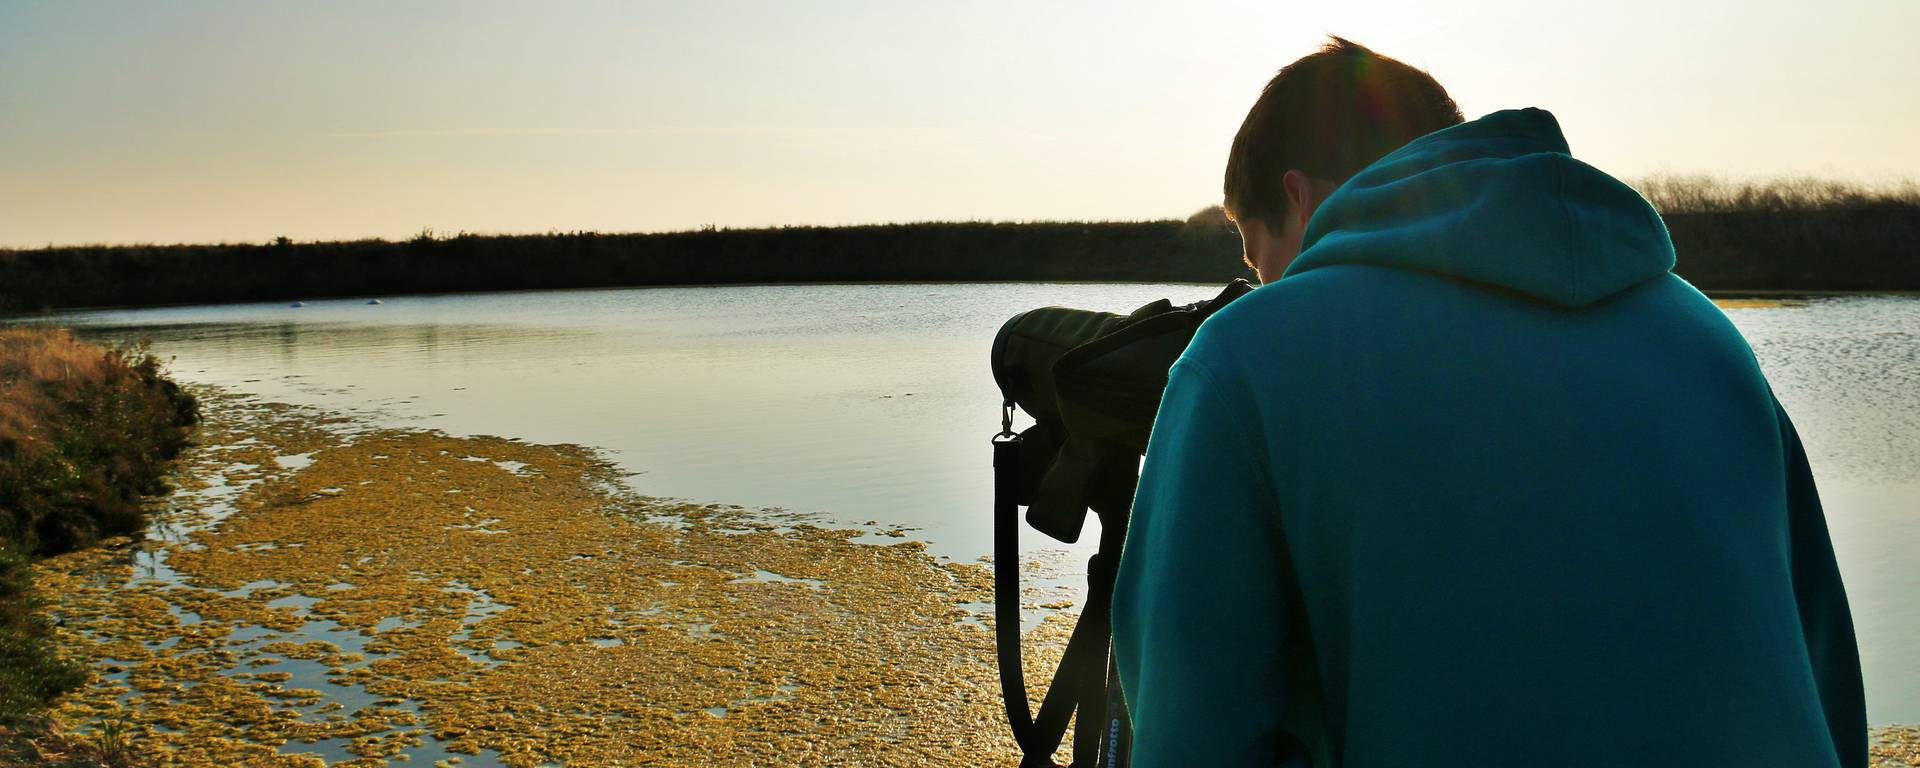 bservation des oiseaux dans la réserve ©Lesley Williamson